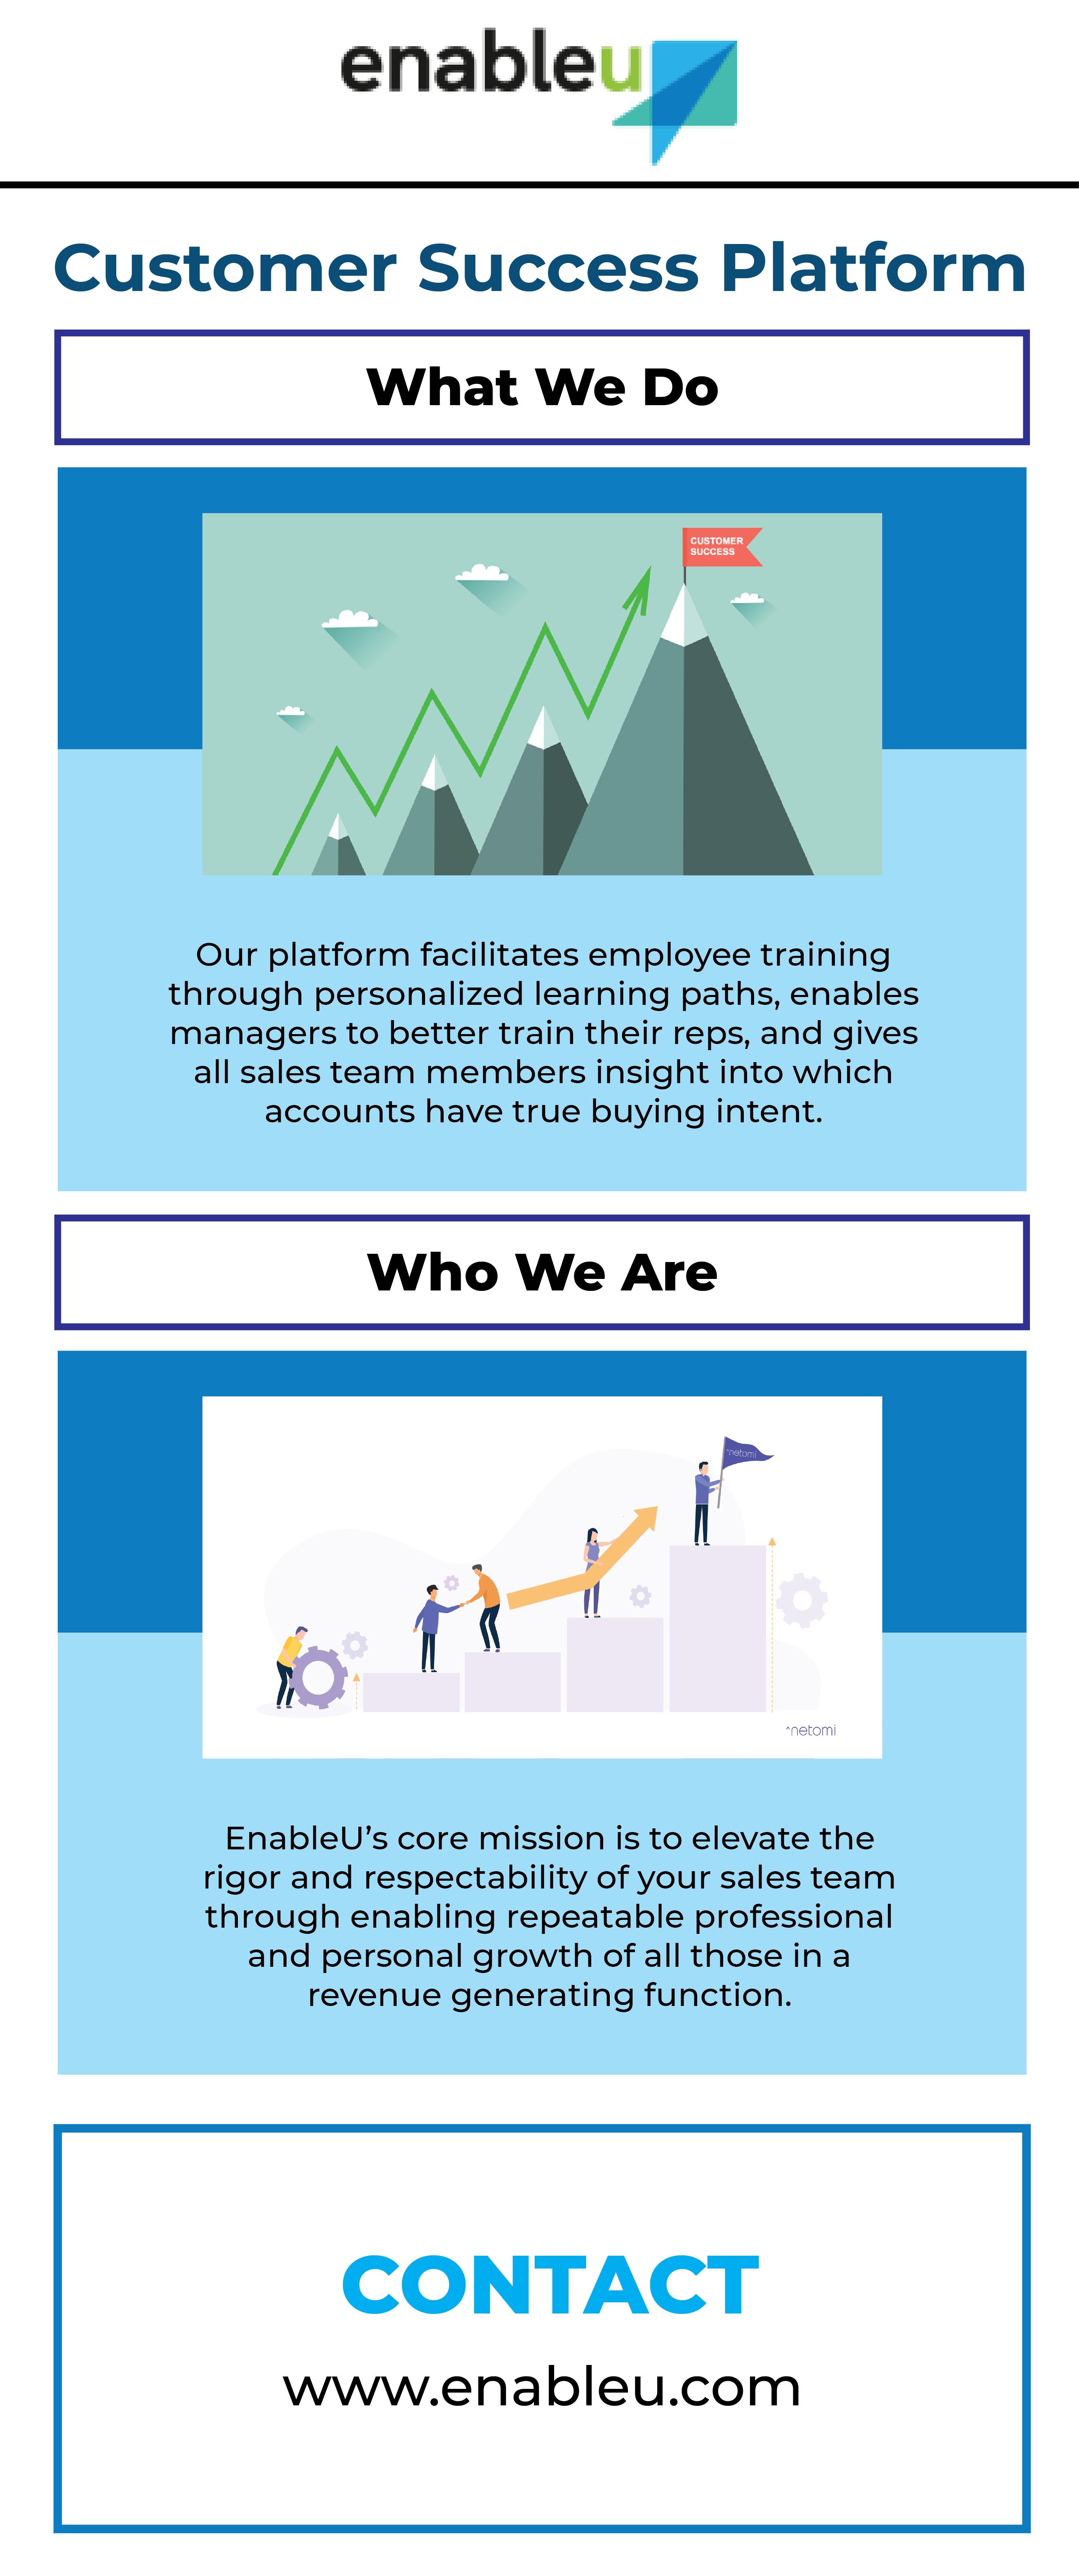 Customer Success Platform - World-Class Sales Team - EnableU